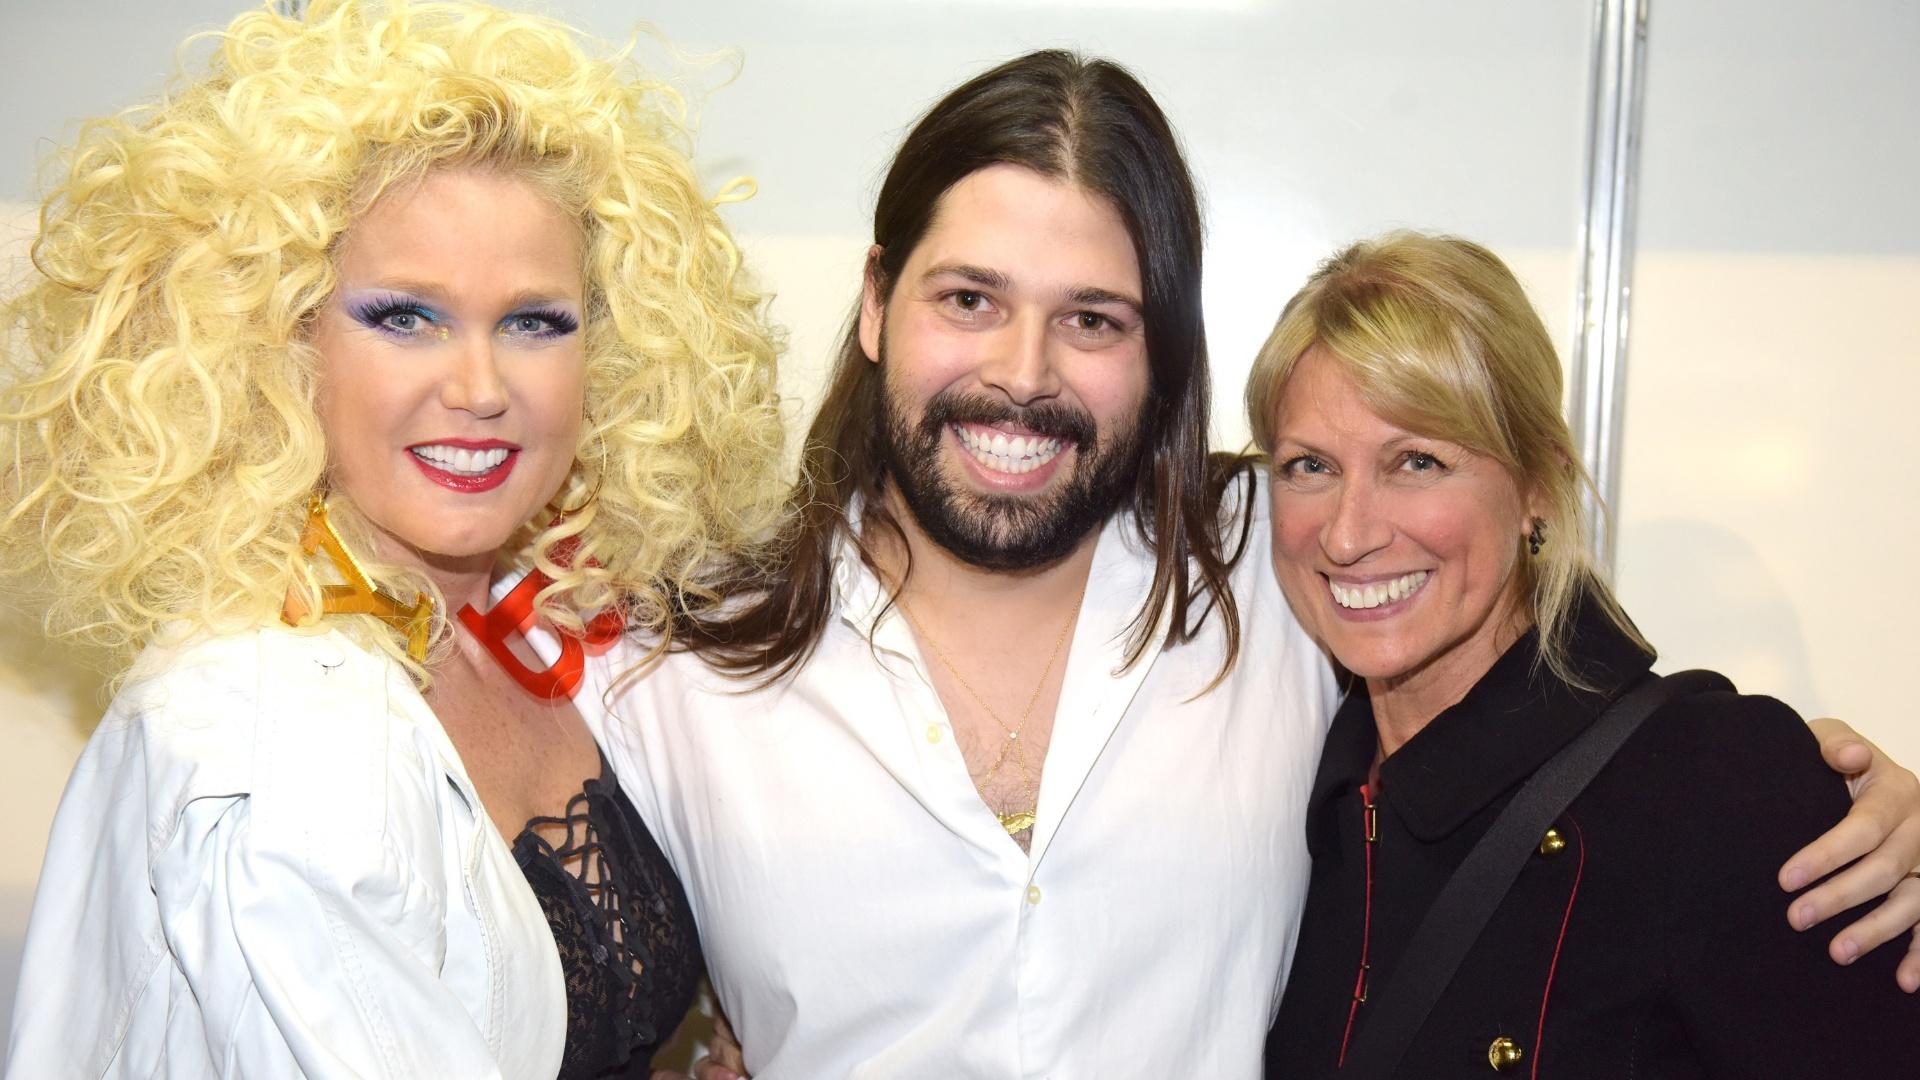 Thomaz Azulay, filho do Simão Azulay, foi buscar uma bota de época para Xuxa calçar no desfile Rio Moda Rio de terça-feira